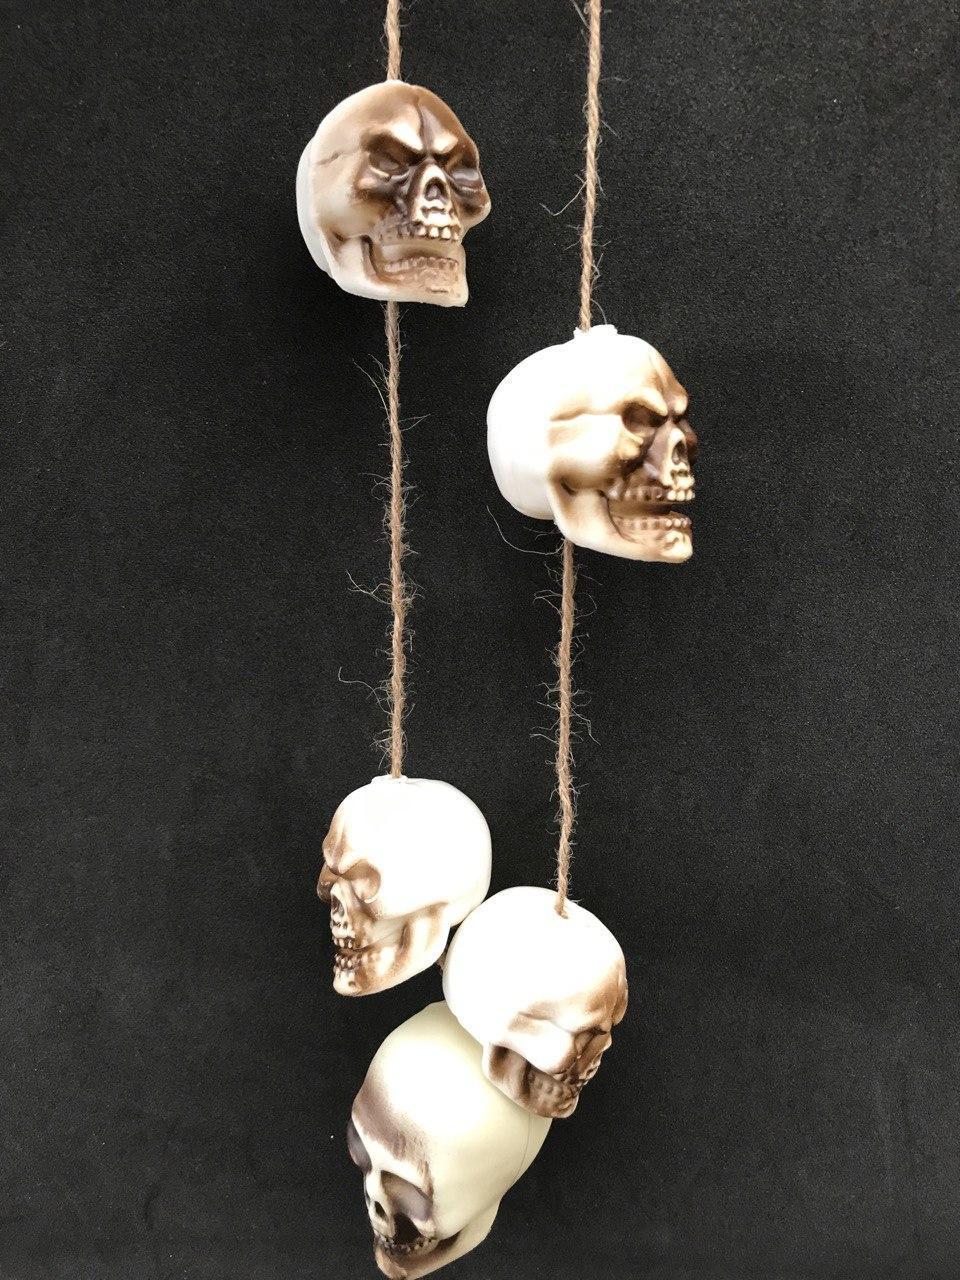 Підвіска з черепів 65 см (аксесуар для Хеллоуїна)